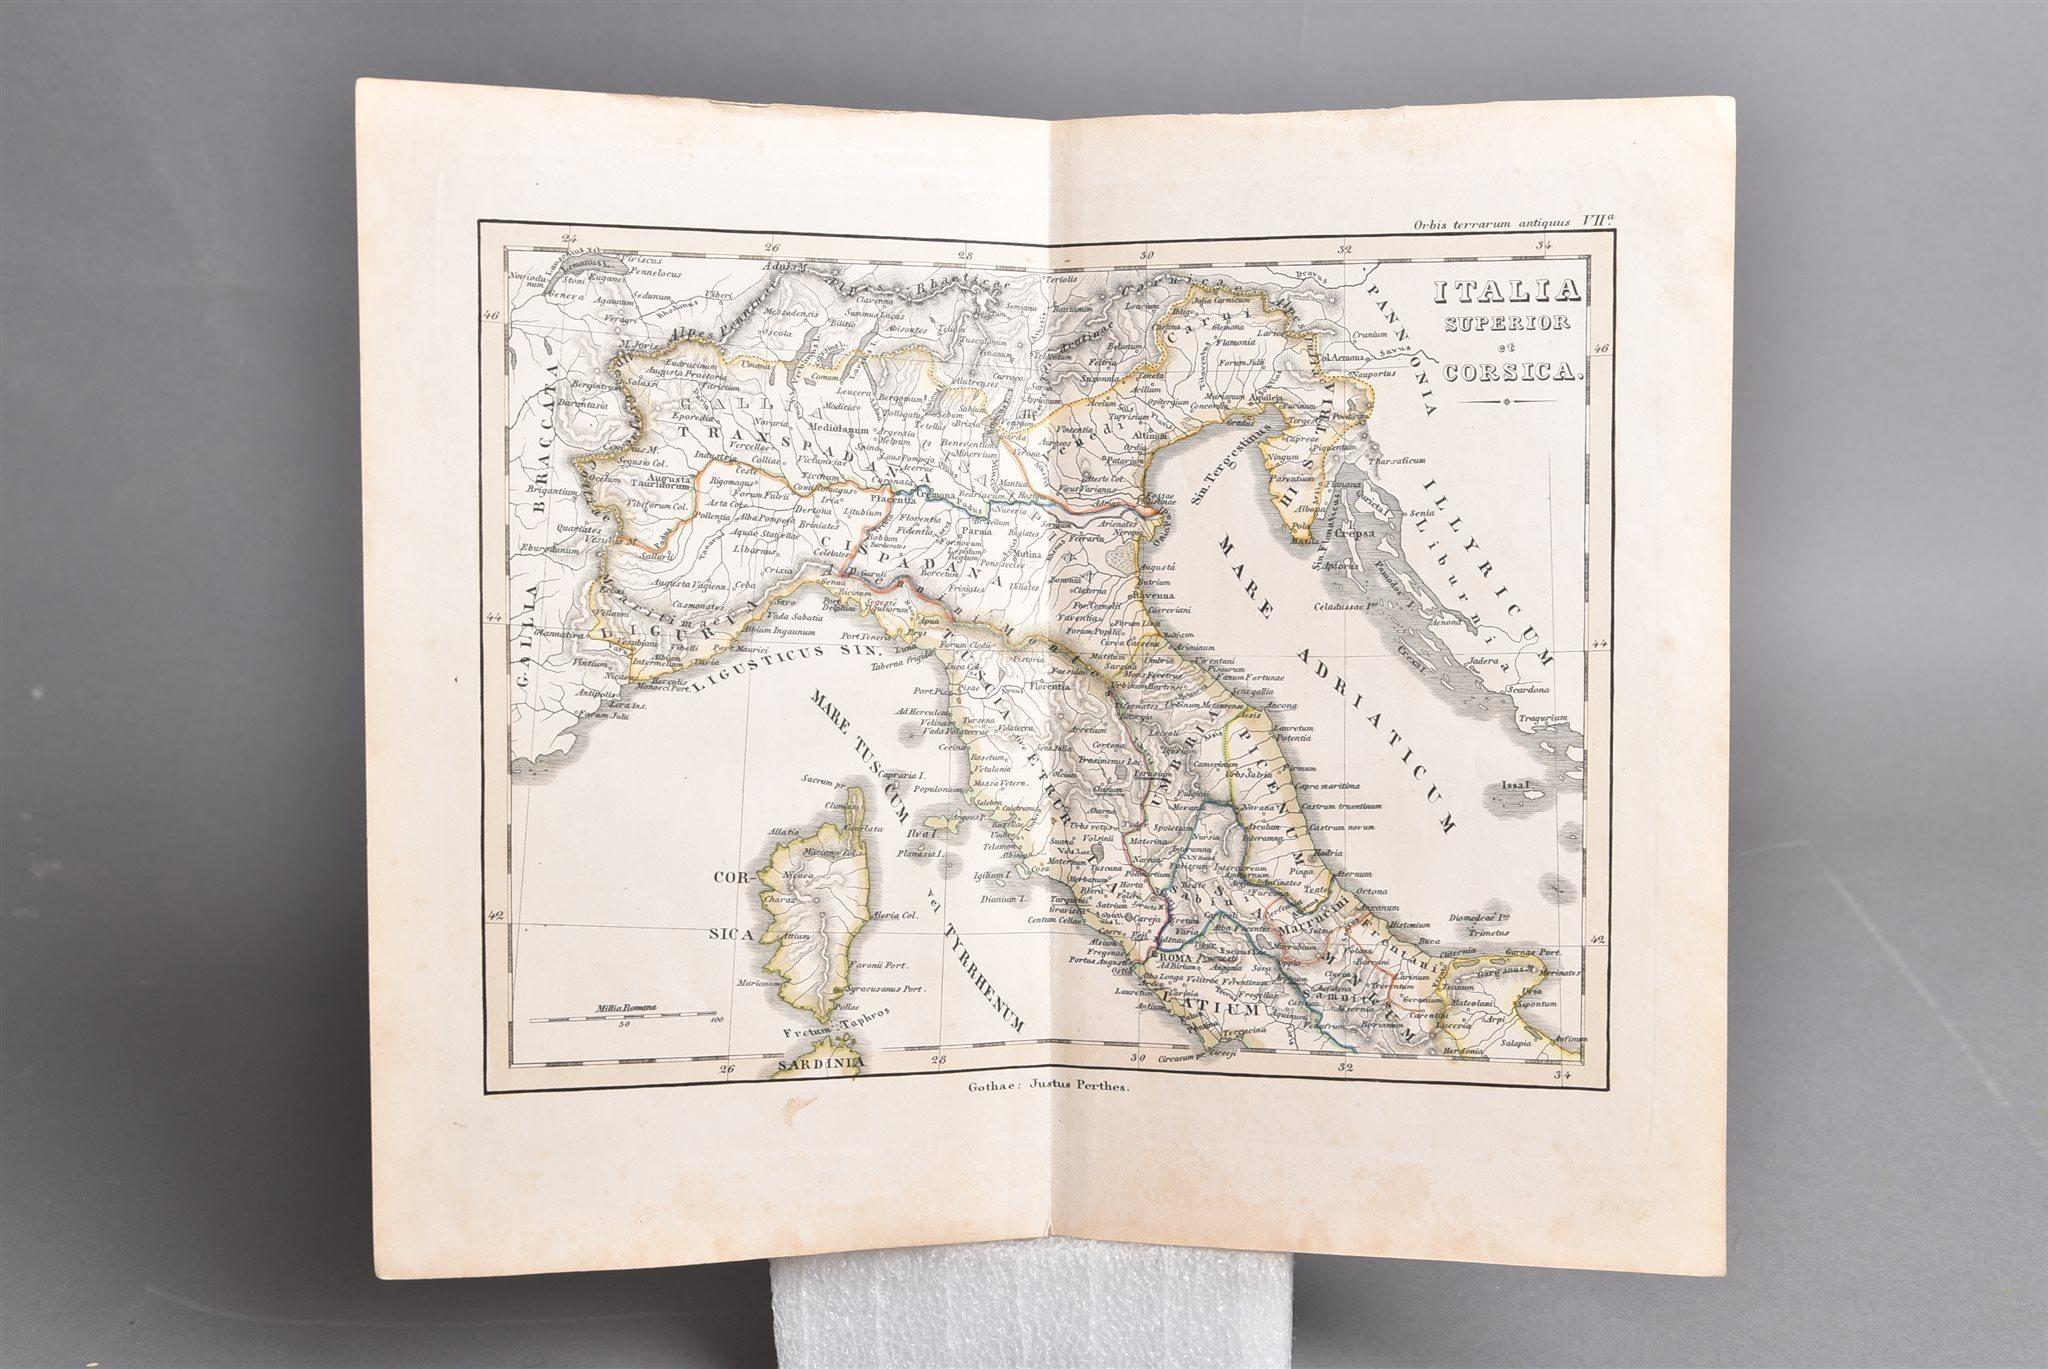 Gammal Karta Italien.Gammal Karta Ca 1852 Norra Italien Korsika 338928474 ᐈ Kop